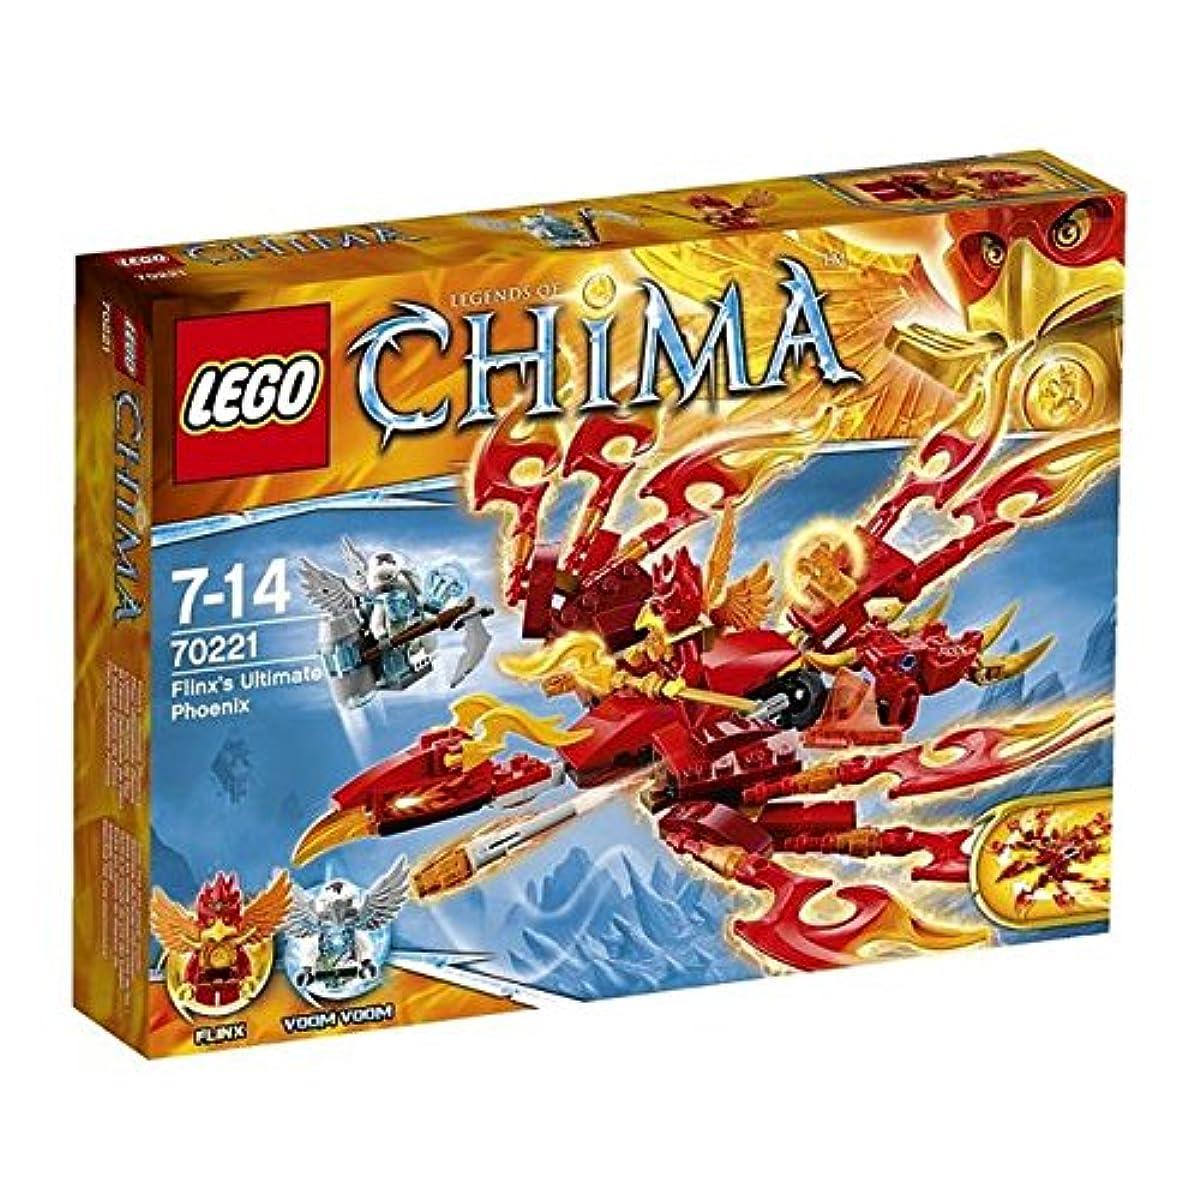 [해외] 레고 (LEGO) 찌마 프리구스의 파이어 피닉스 70221 (2014-12-26)